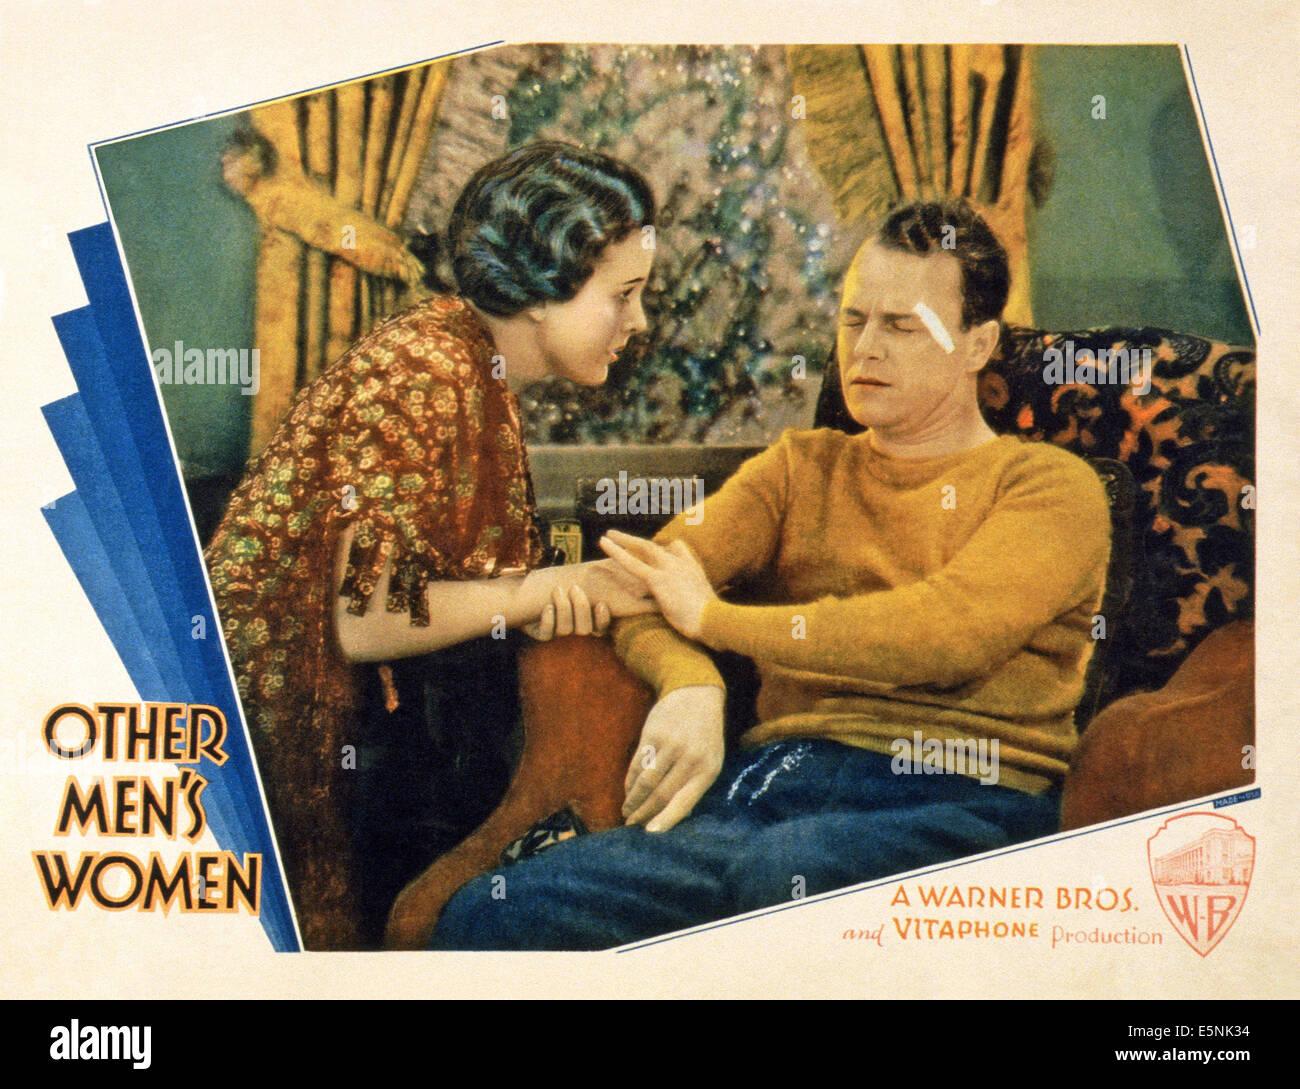 Otros hombres, mujeres, de izquierda a derecha: Mary Astor, Grant Withers, 1931 Imagen De Stock